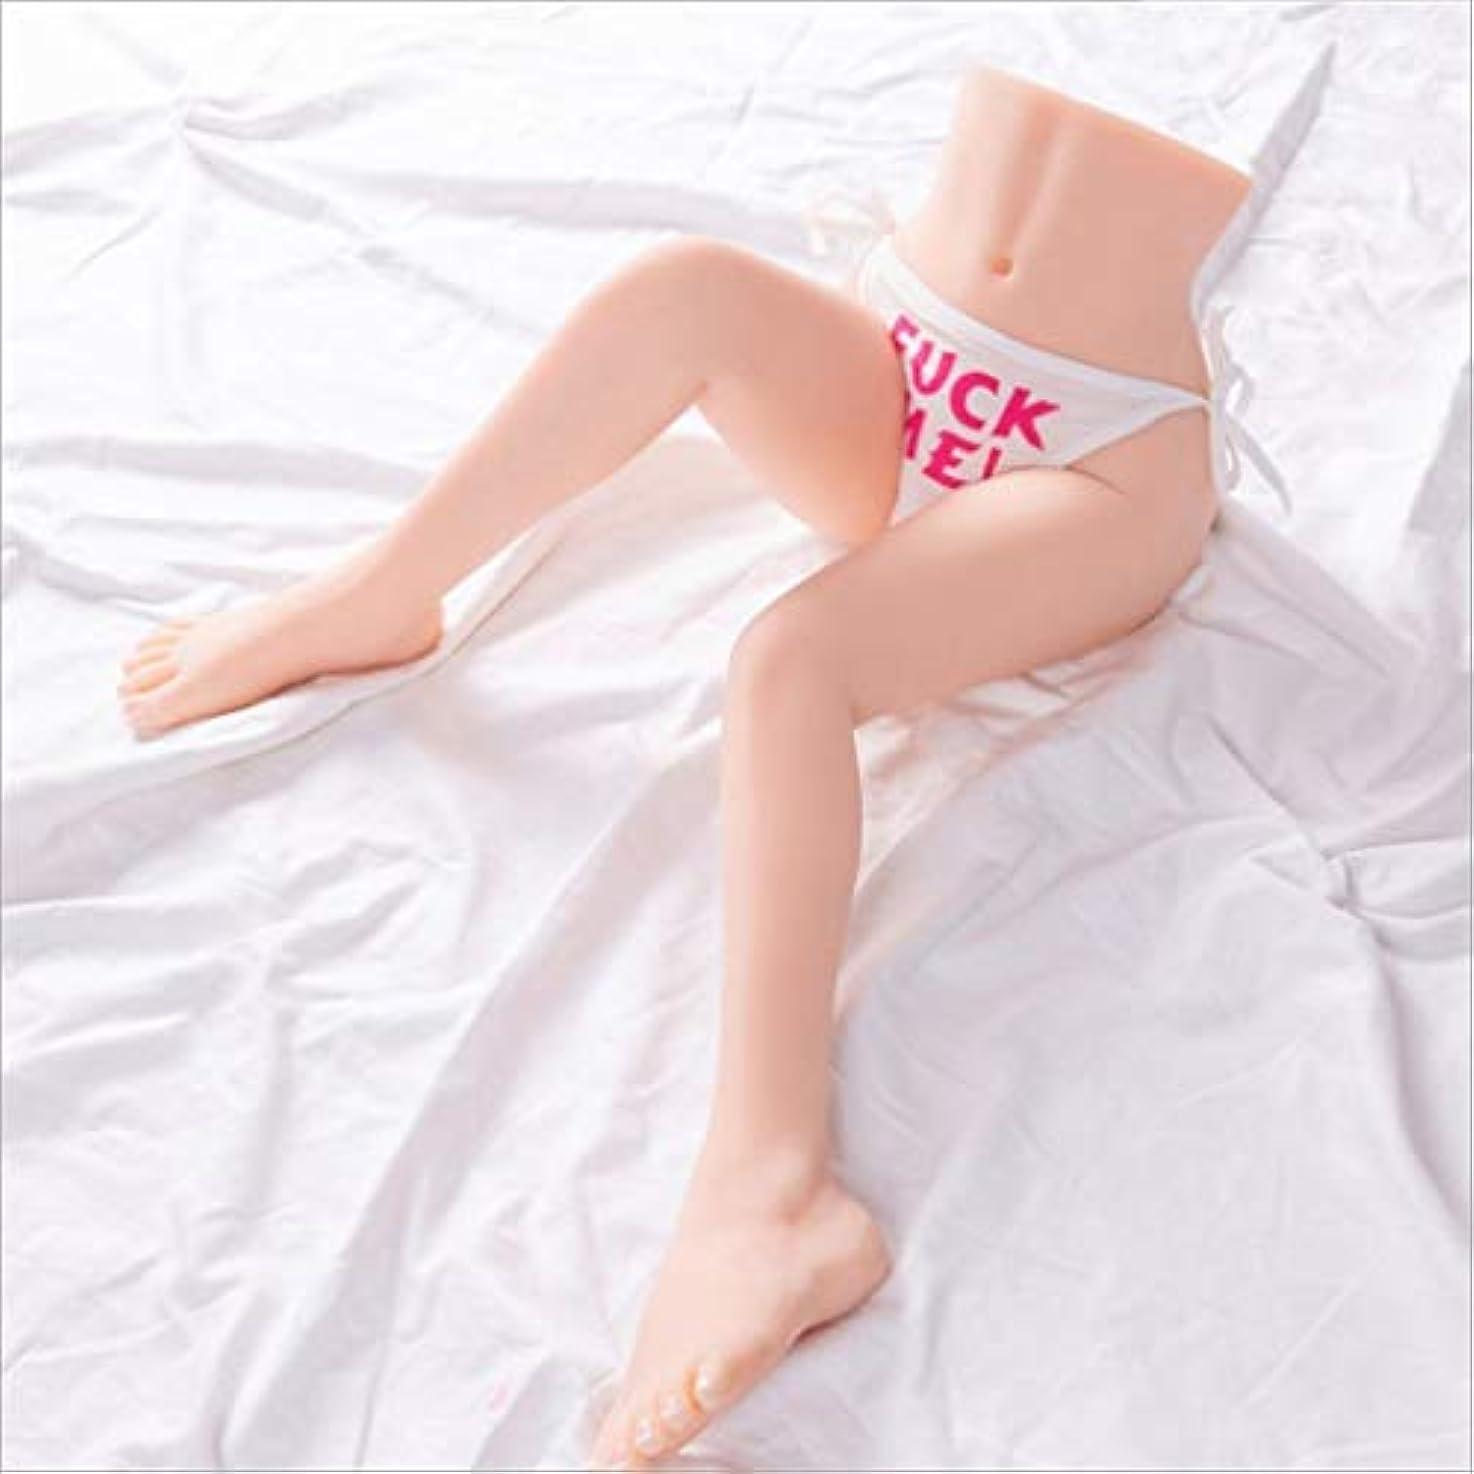 削減大バルク秘密のパッケージを持つ男ファニー大人のおもちゃのためのLifeSize女性トルソー愛のおもちゃ (Size : 50cm)